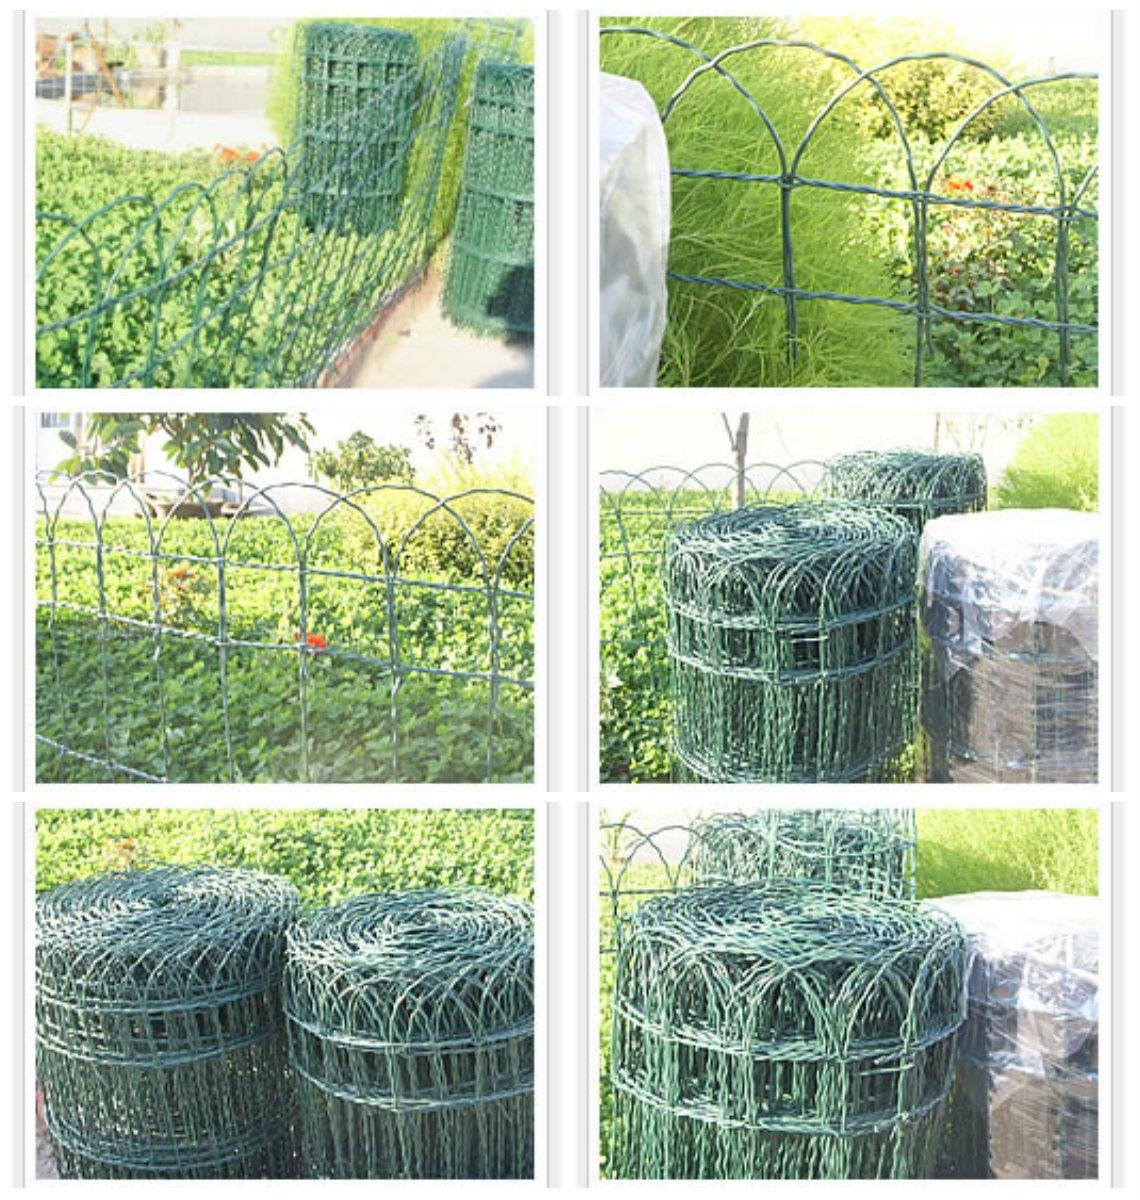 Garten Mile® 0,25m x 10m Garten Zaun Bordüre grün PVC Drahtgitter ...